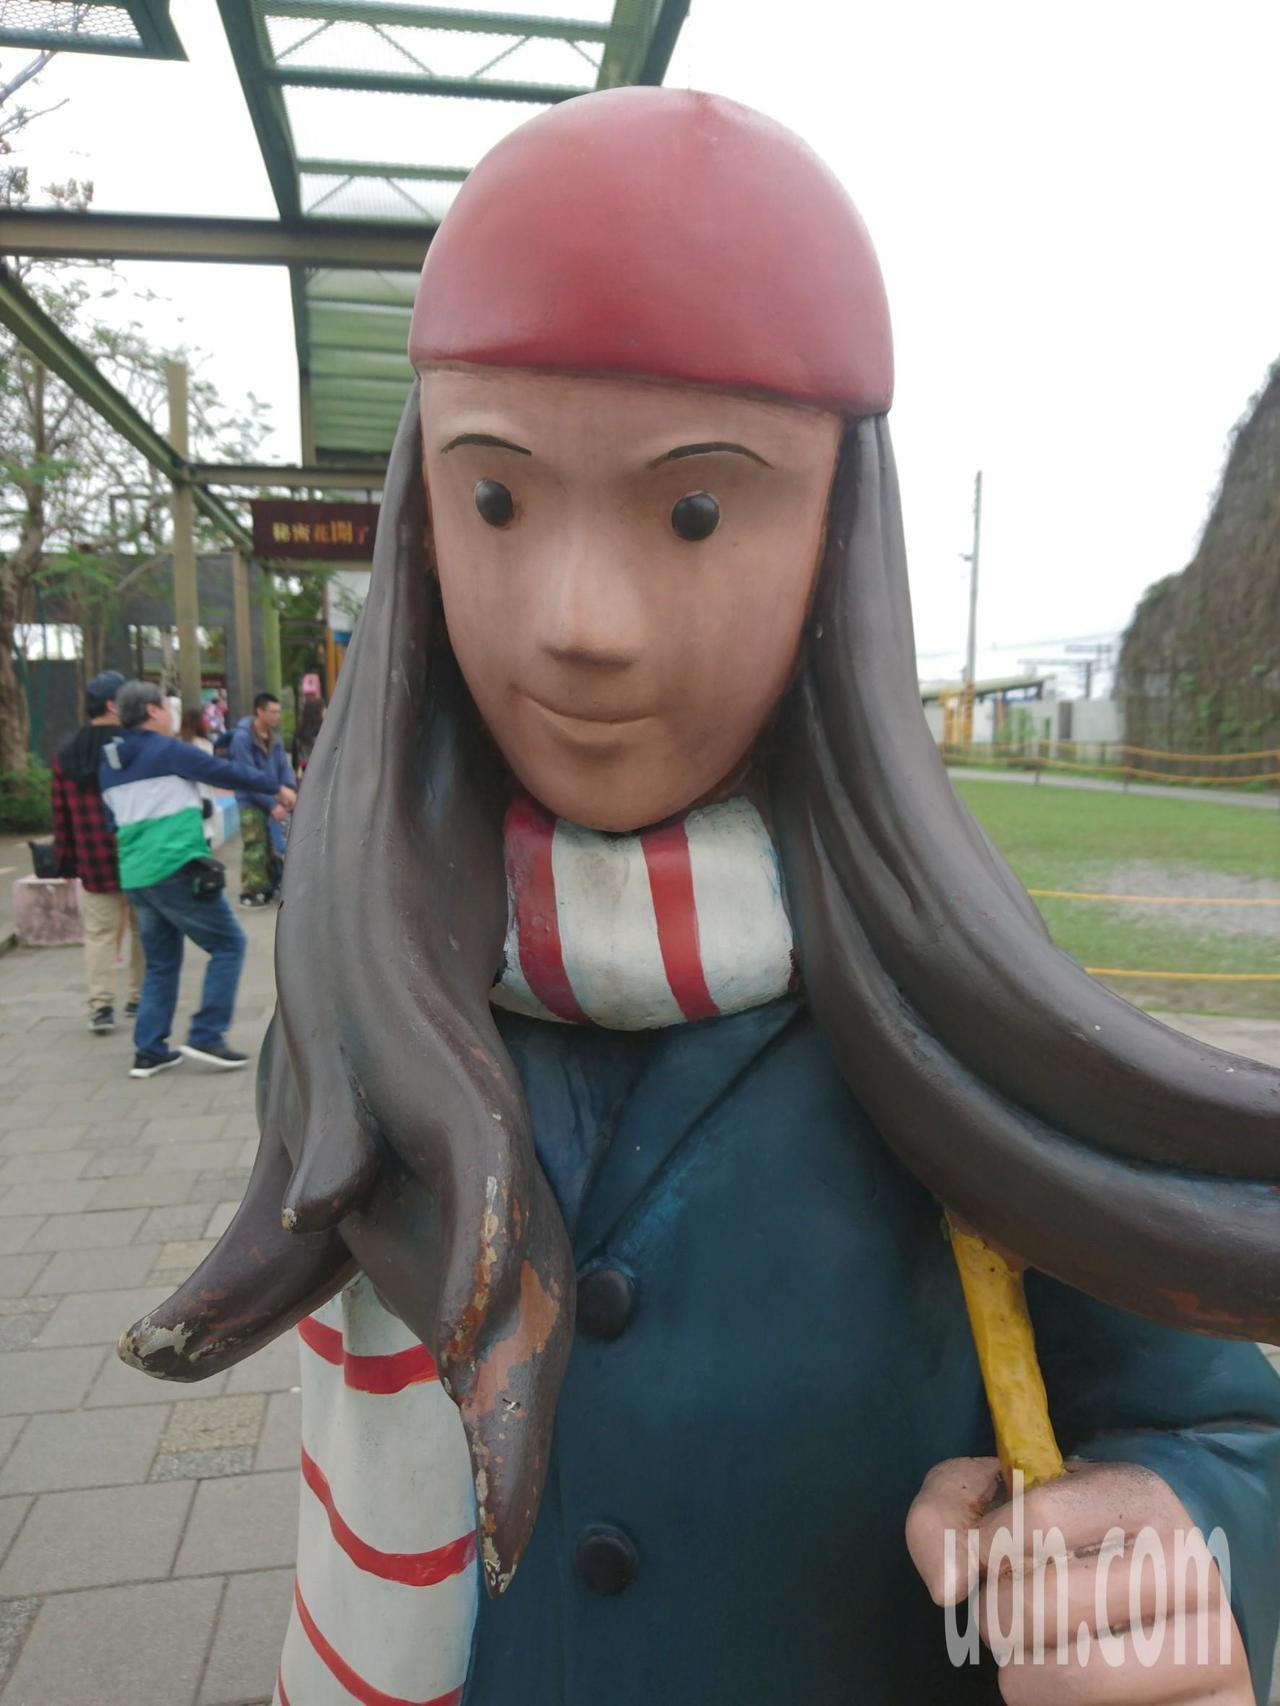 宜蘭市幾米廣場人偶、與行李箱等裝置藝術品不是褪色就是掉漆,甚至留下黑色的雨痕,顯...